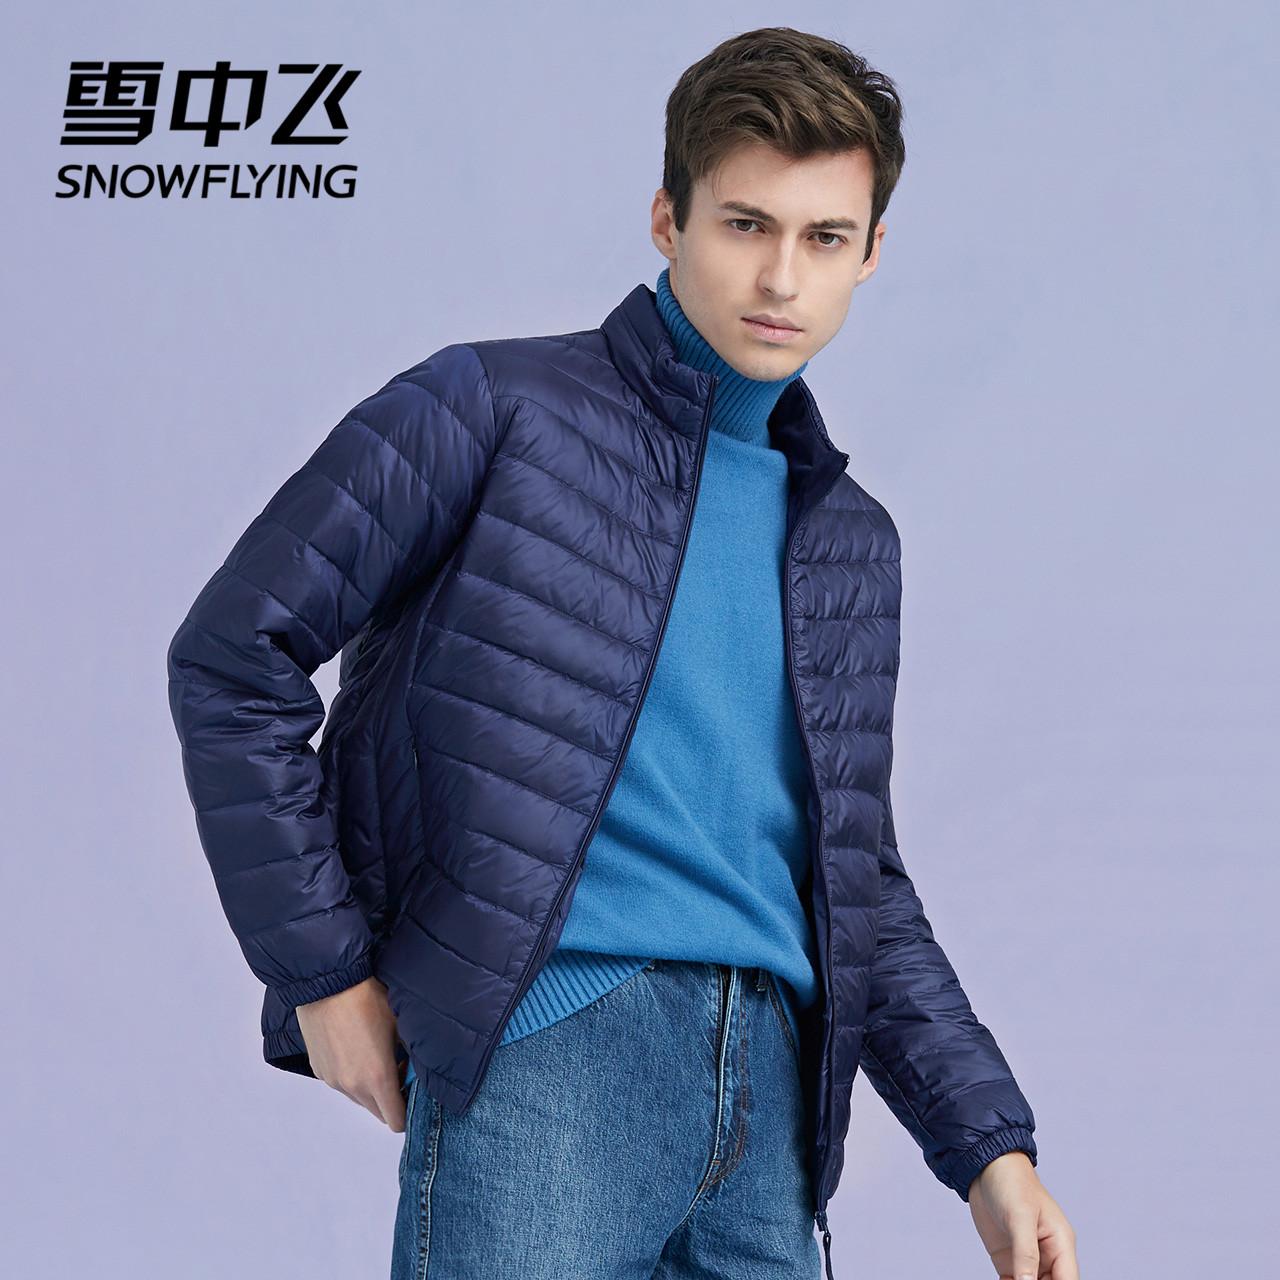 雪中飞2020反季轻薄羽绒服男短款轻便立领修身大码休闲冬季外套潮